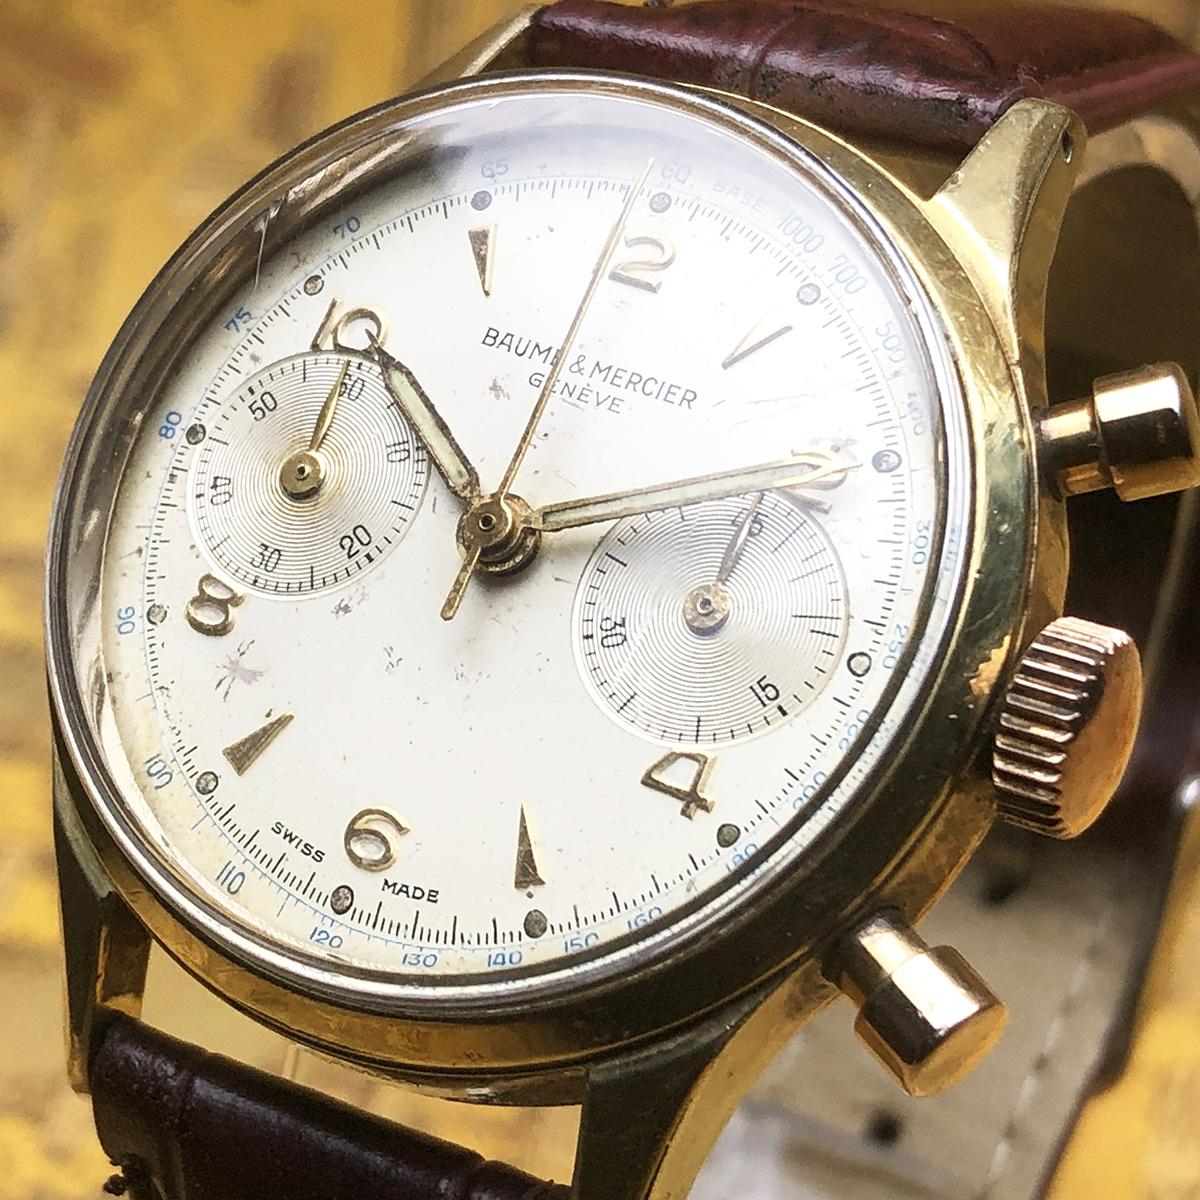 ★希少!! ボーム&メルシエ BAUME&MERCIER 1960s アンティーク Landeron149 メンズ 腕時計 クロノグラフ 手巻 白文字盤 ビンテージ 高級